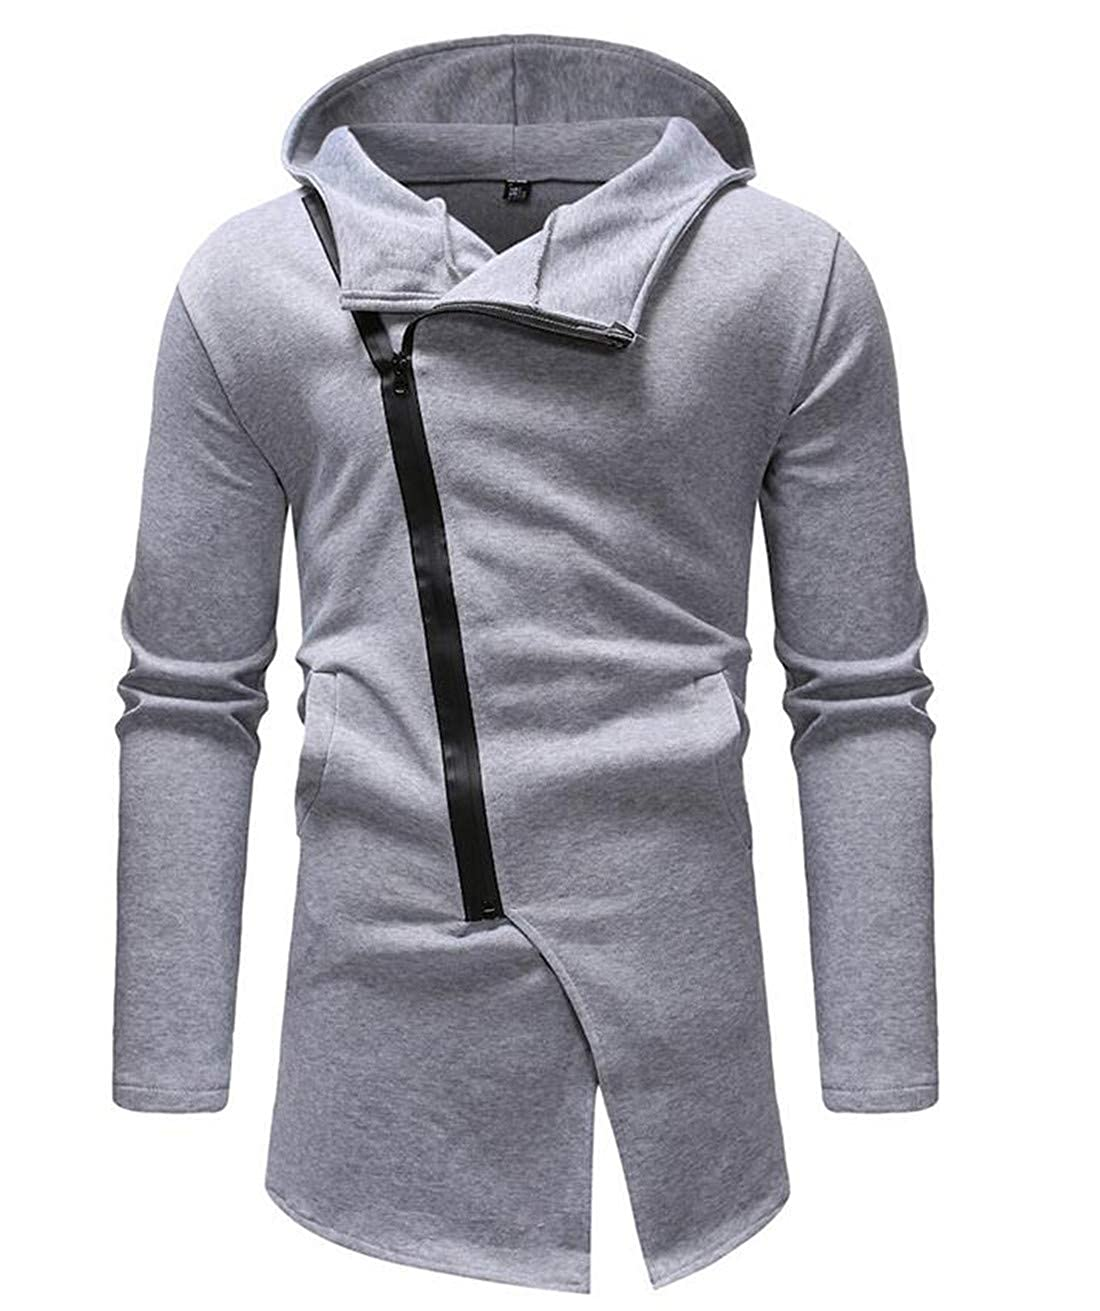 BU2H Men Pullover Long Sleeve Zip Up Solid Hoodie Sweatshirt